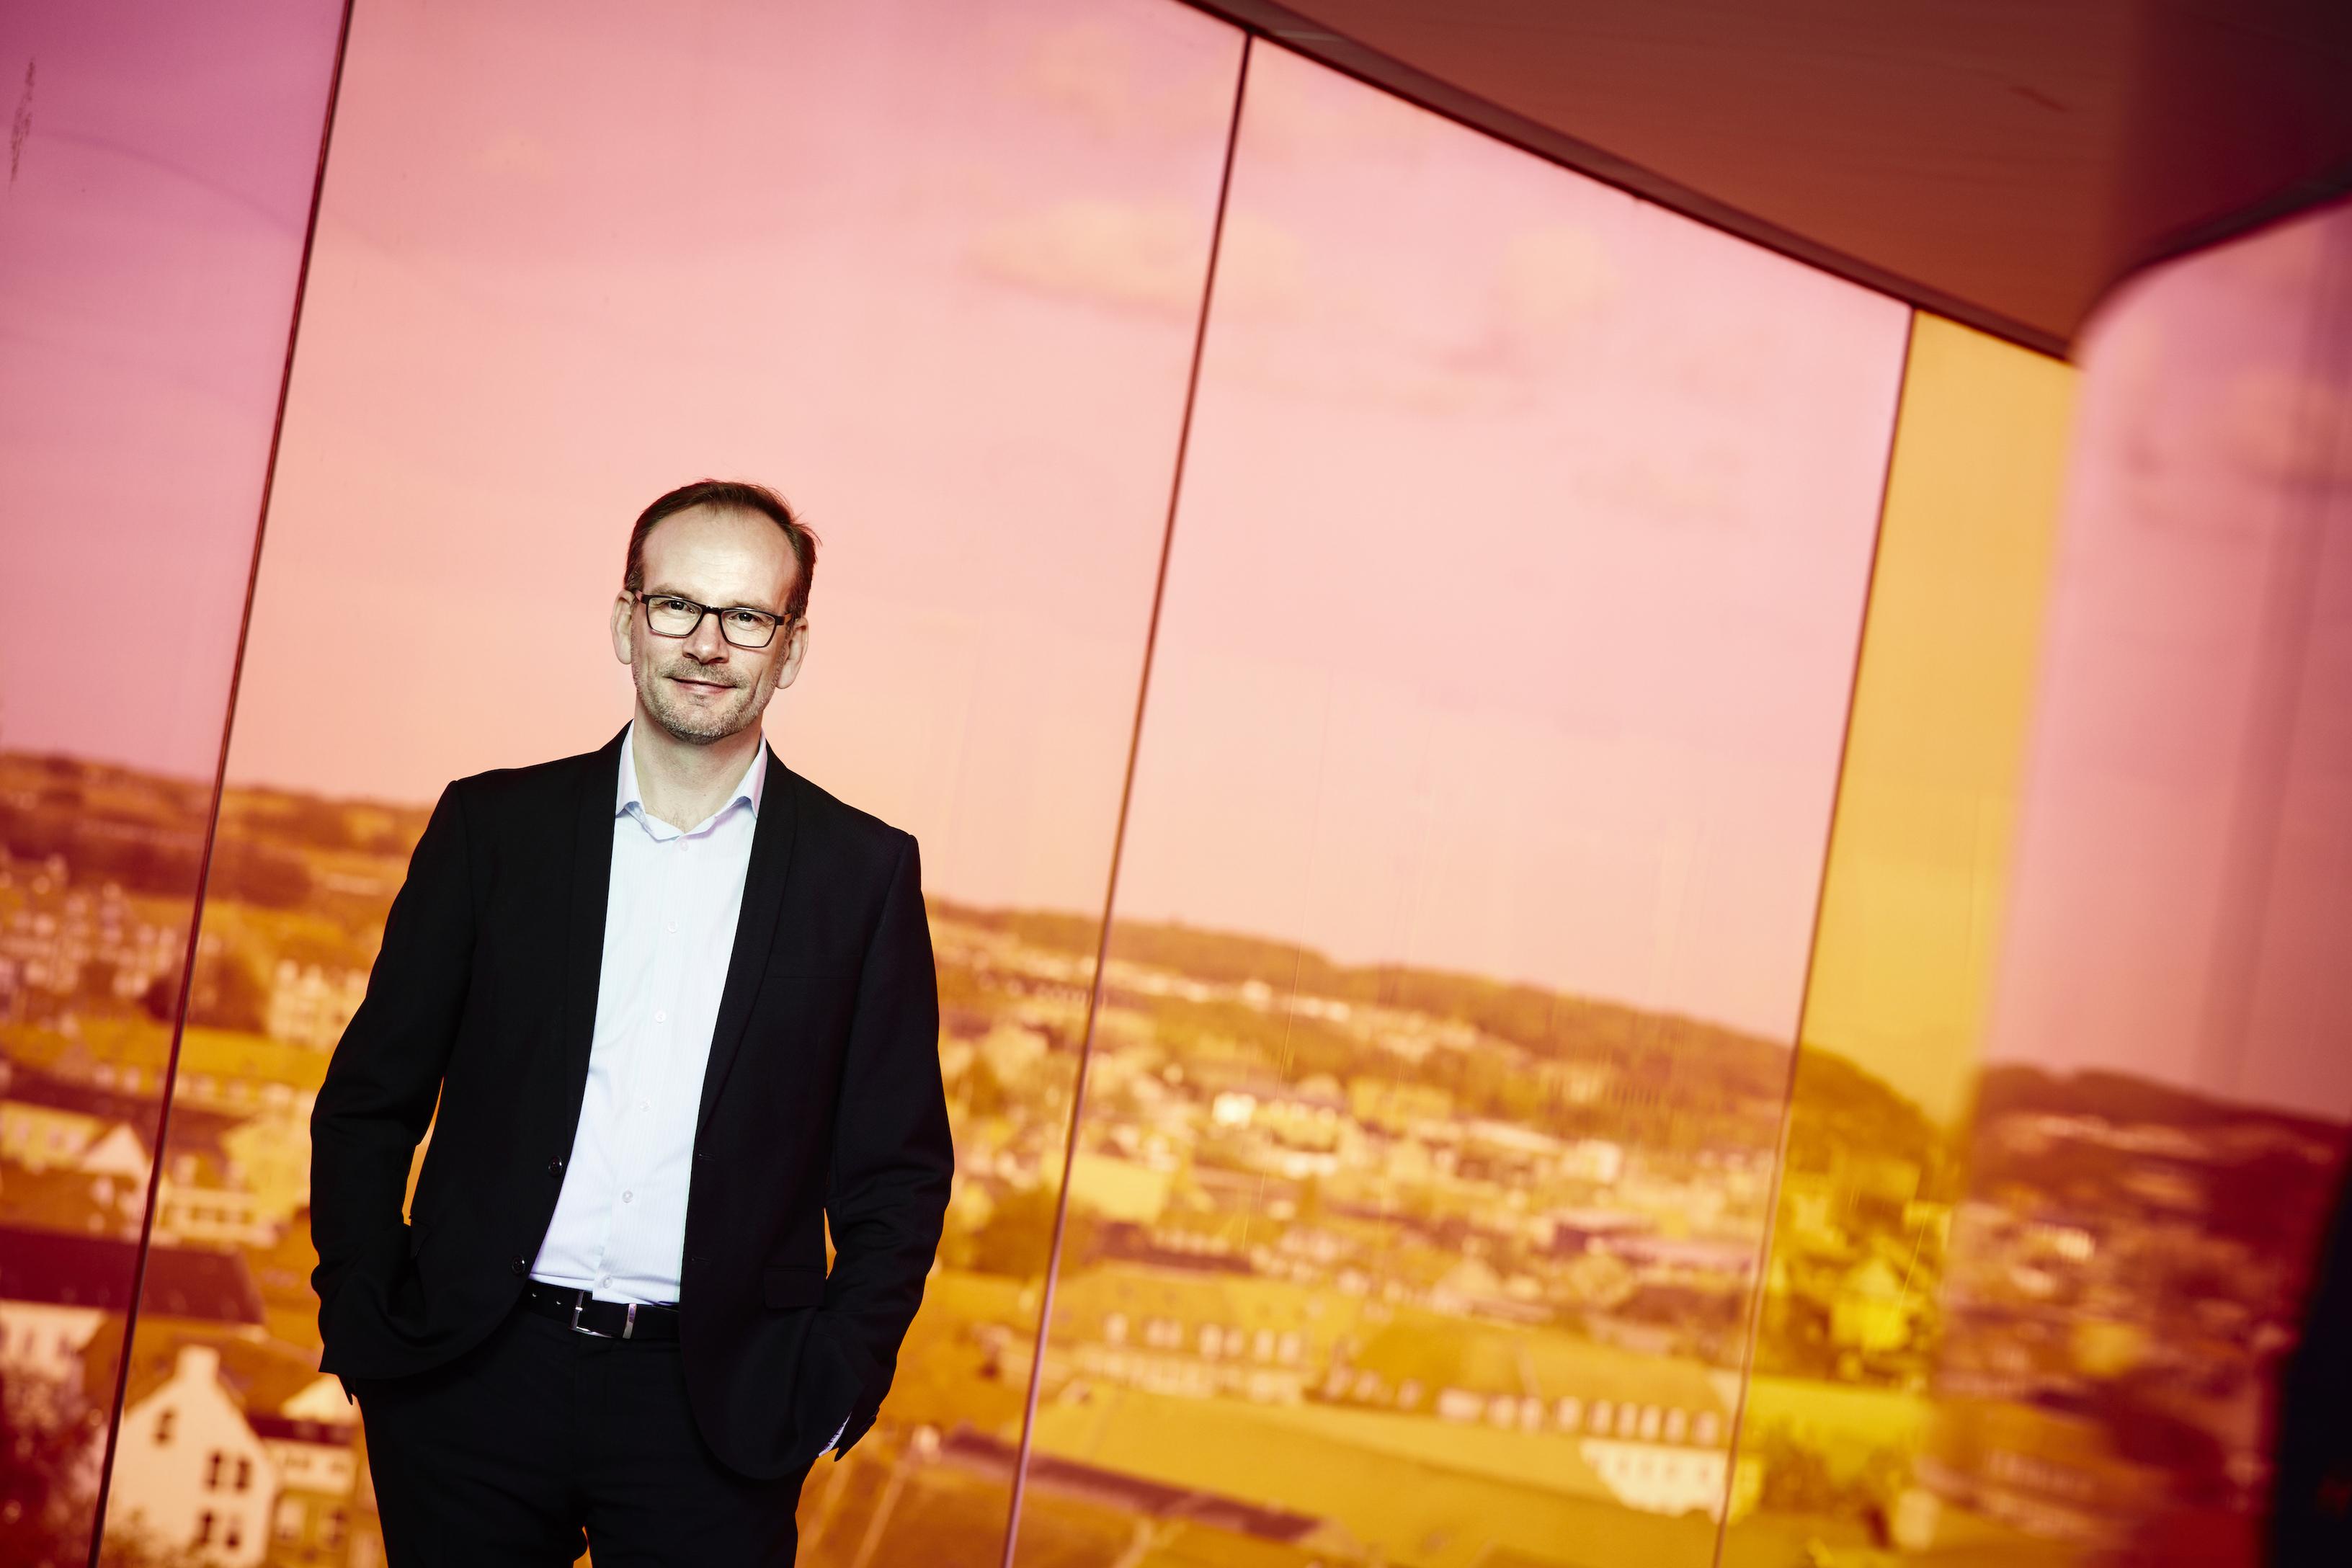 Peer H. Kristensen stopper som turistdirektør i Aarhus, hvad hans nye job er fra 1. juni, vil han endnu ikke afsløre. Foto: VisitAarhus.